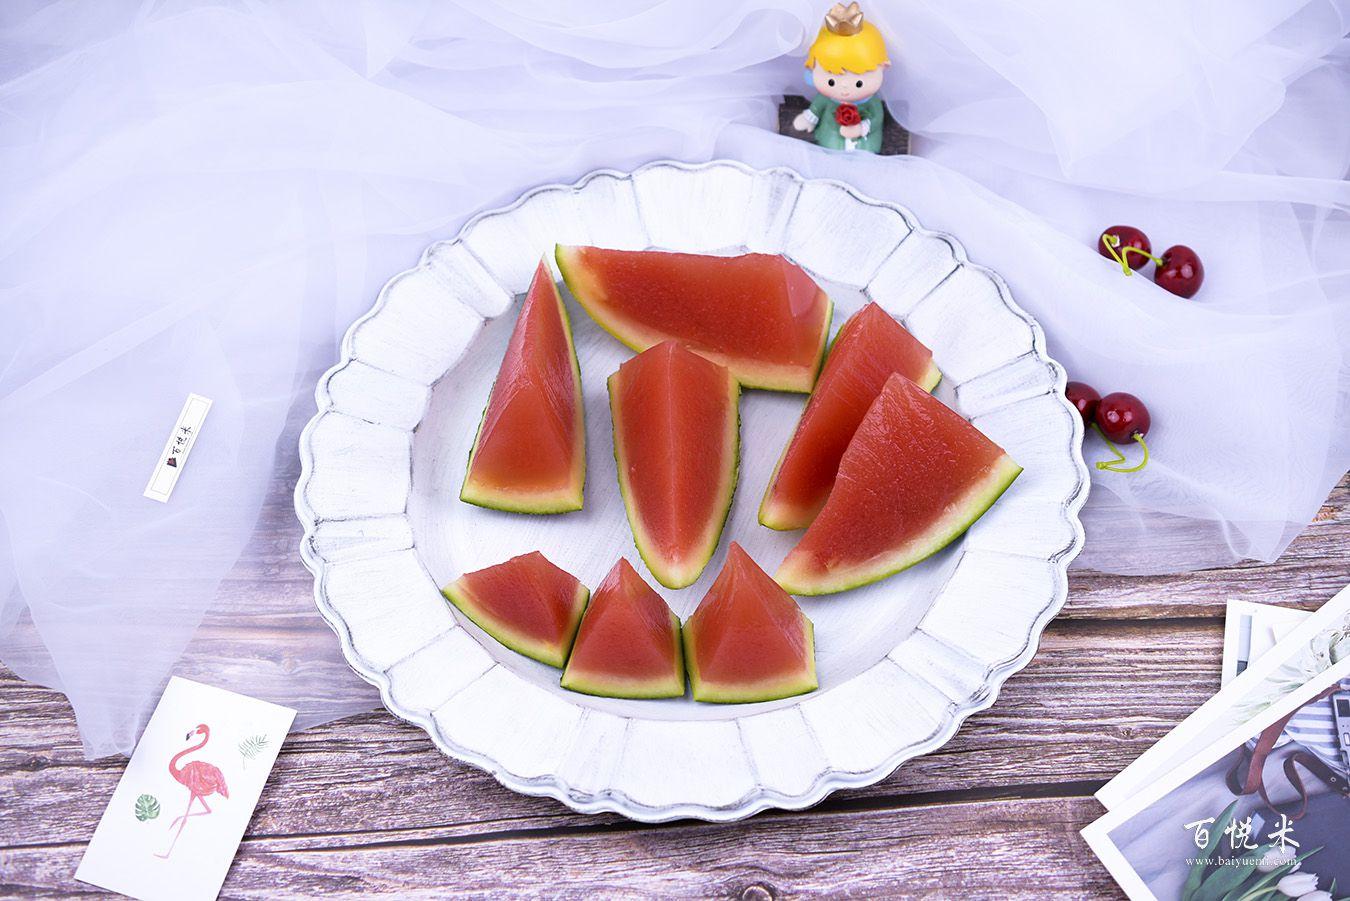 西瓜冻高清图片大全【蛋糕图片】_1363